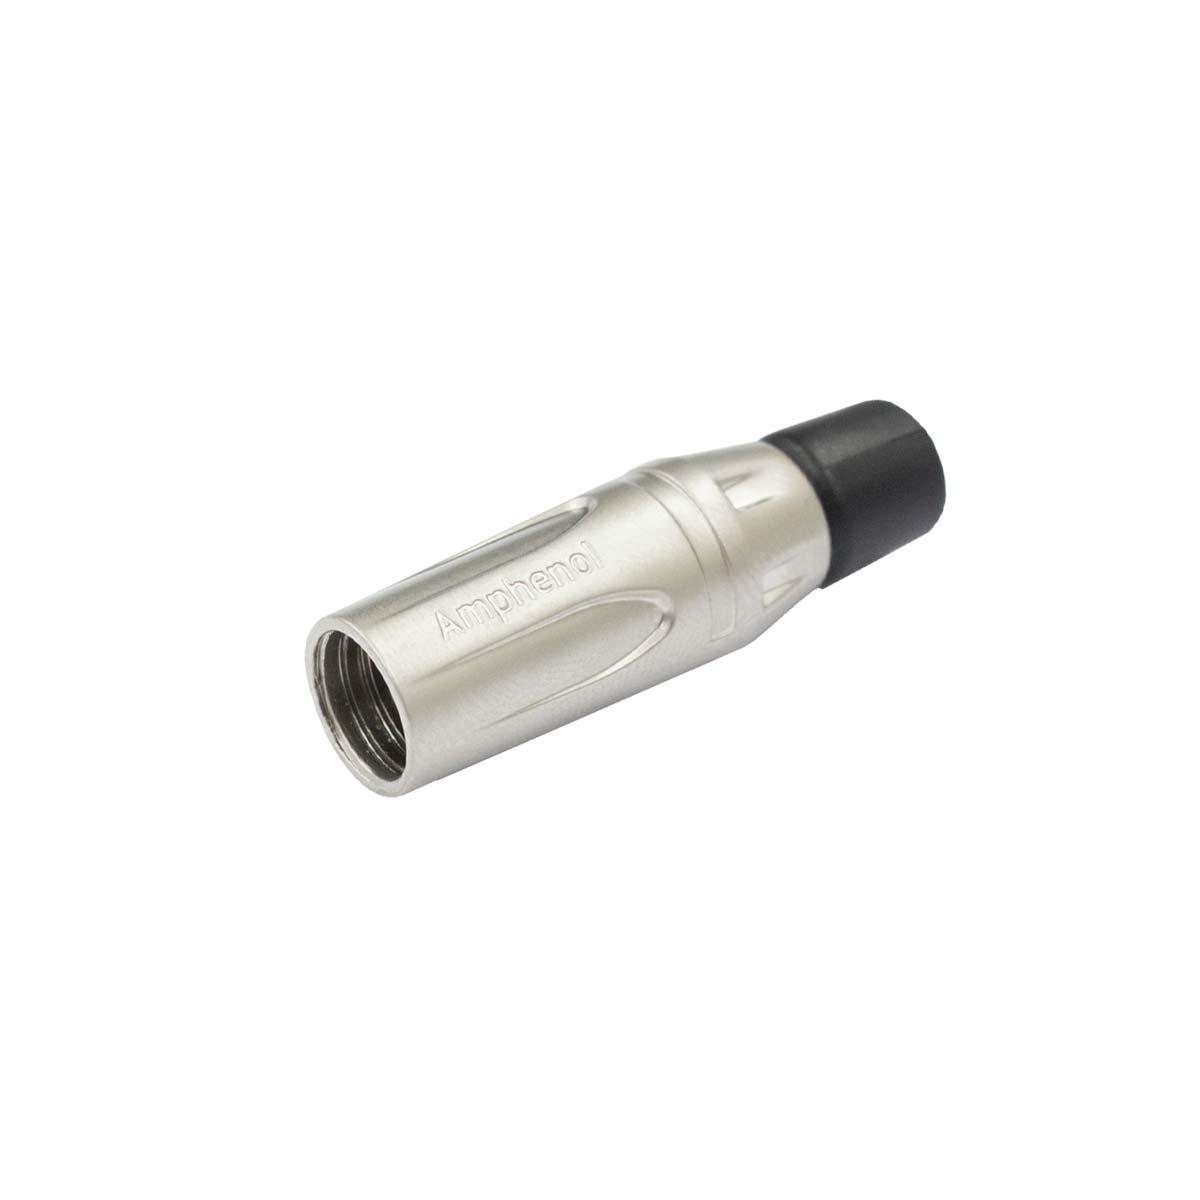 Conector P2 Macho Estéreo KS3P Amphenol